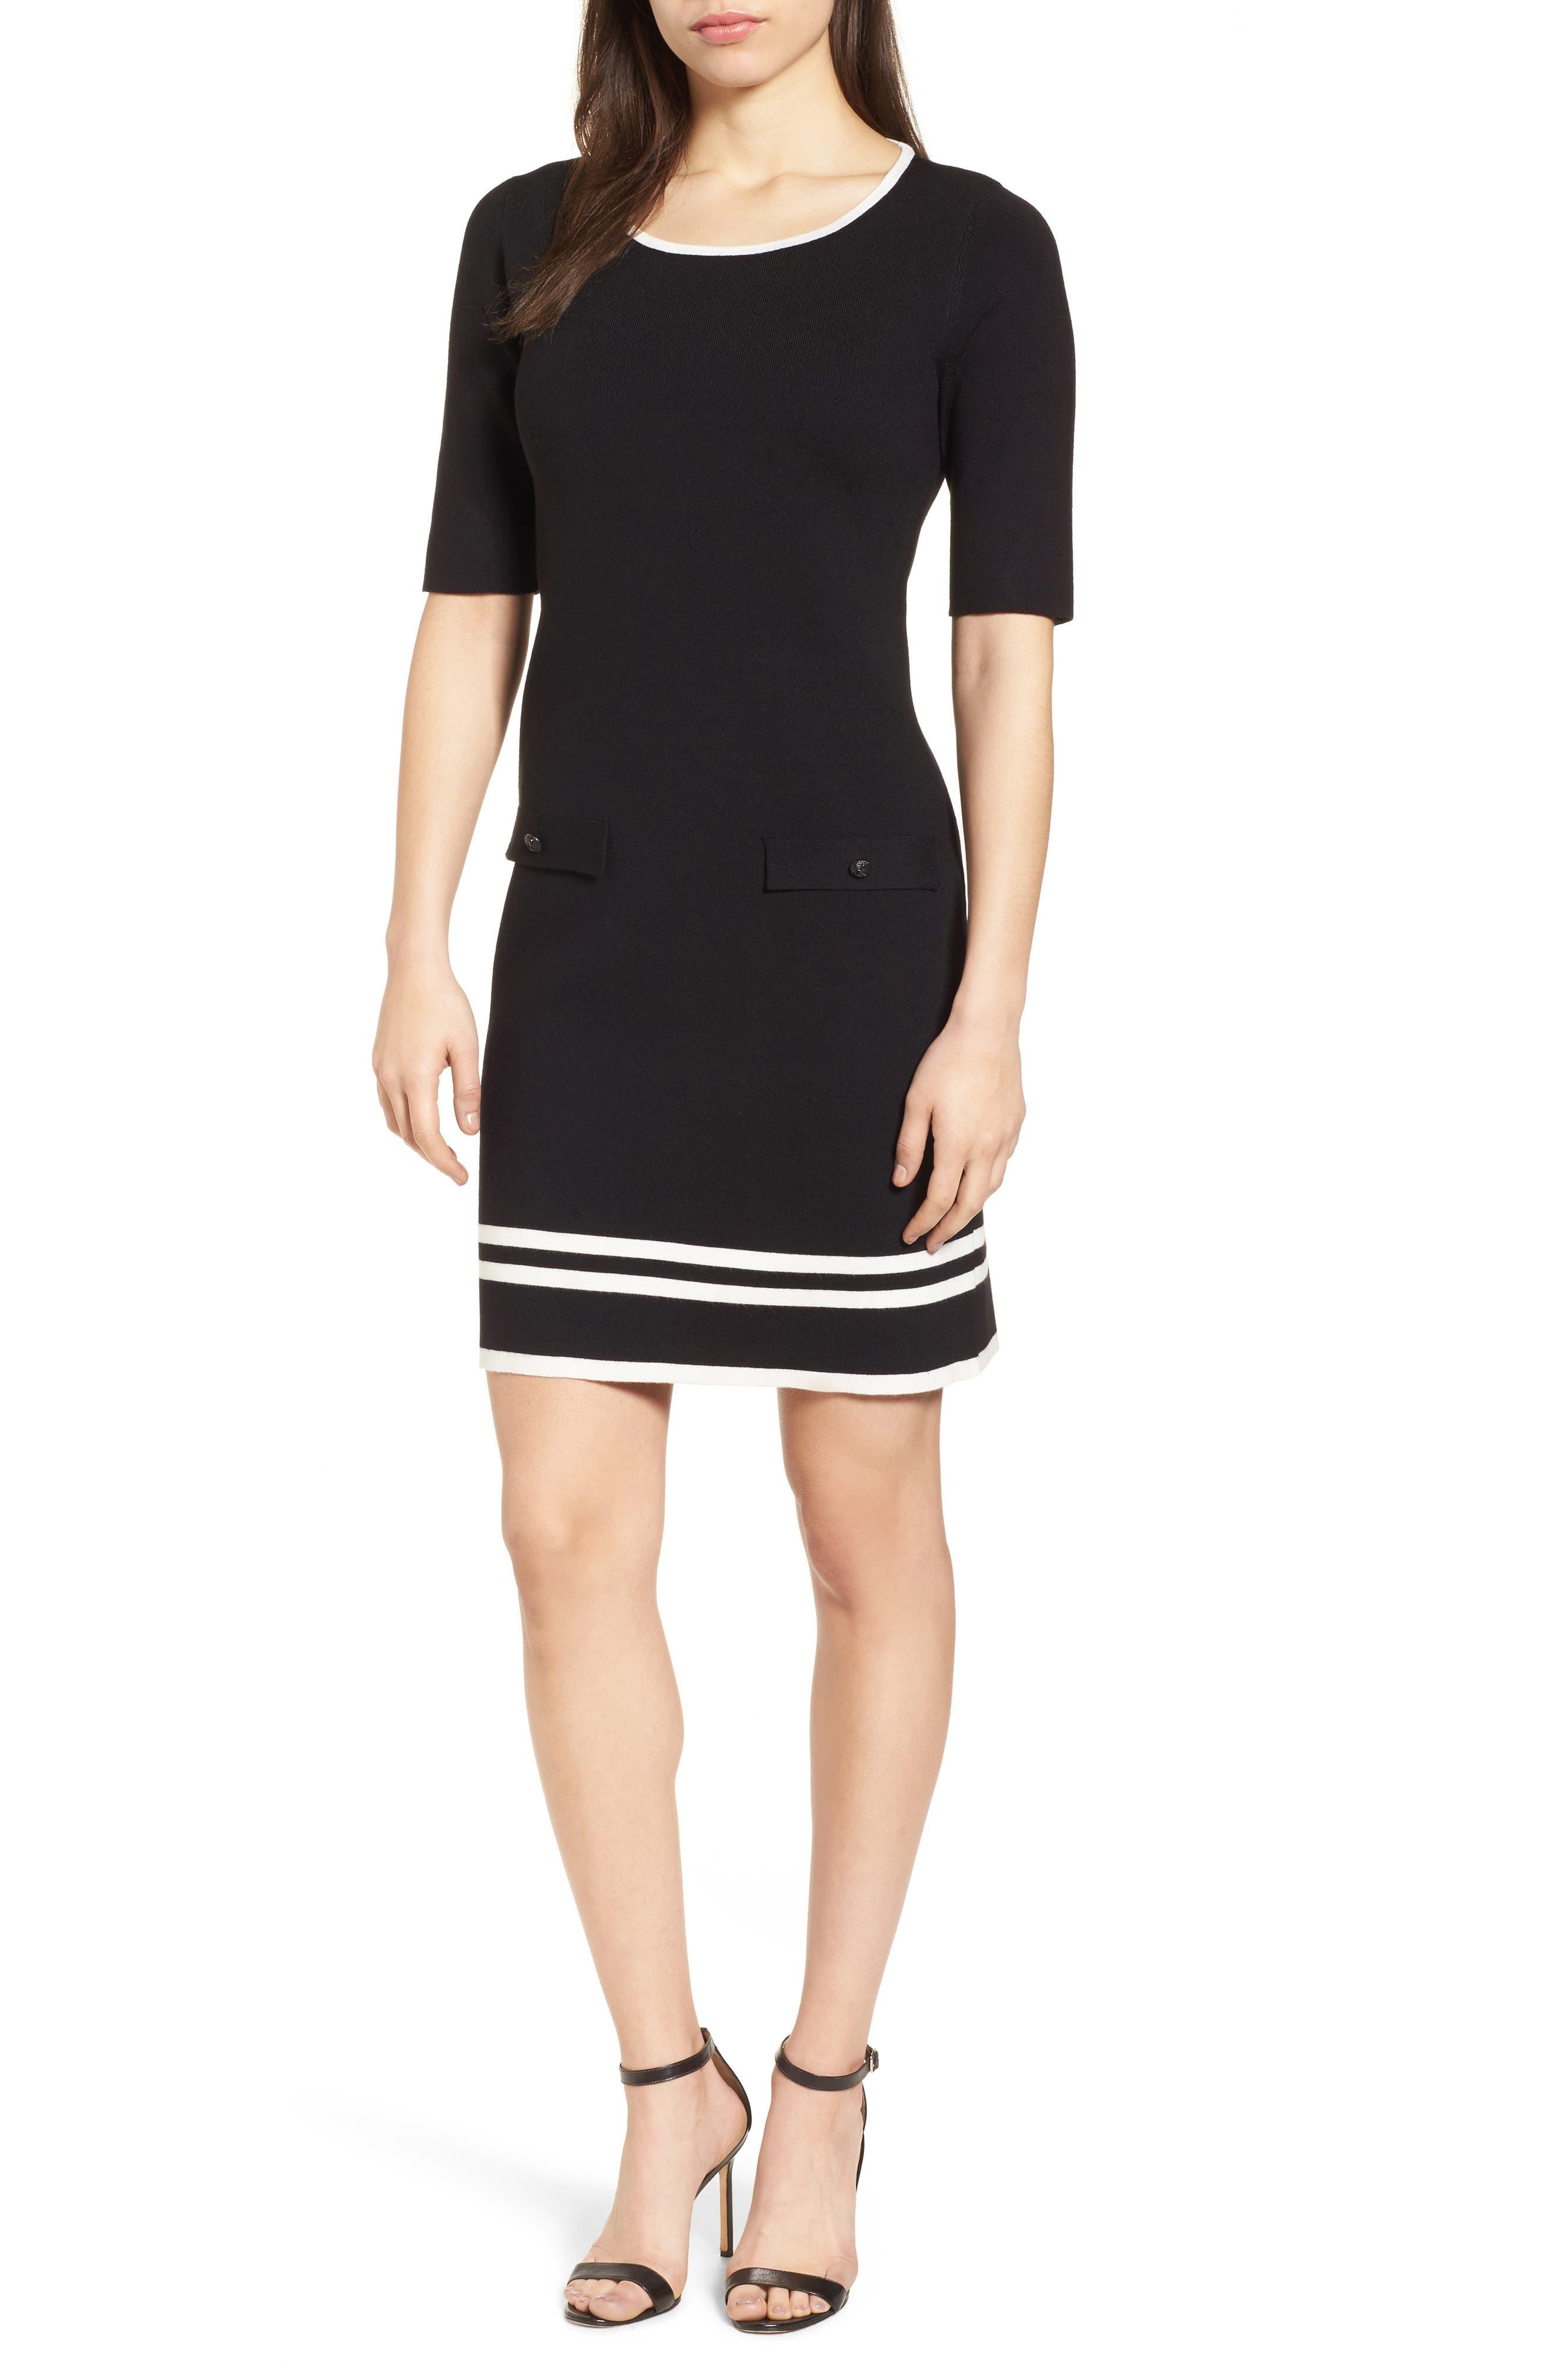 Ann Klein New York Stripe Border Knit Sheath Dress,                         Main,                         color, Black/ White